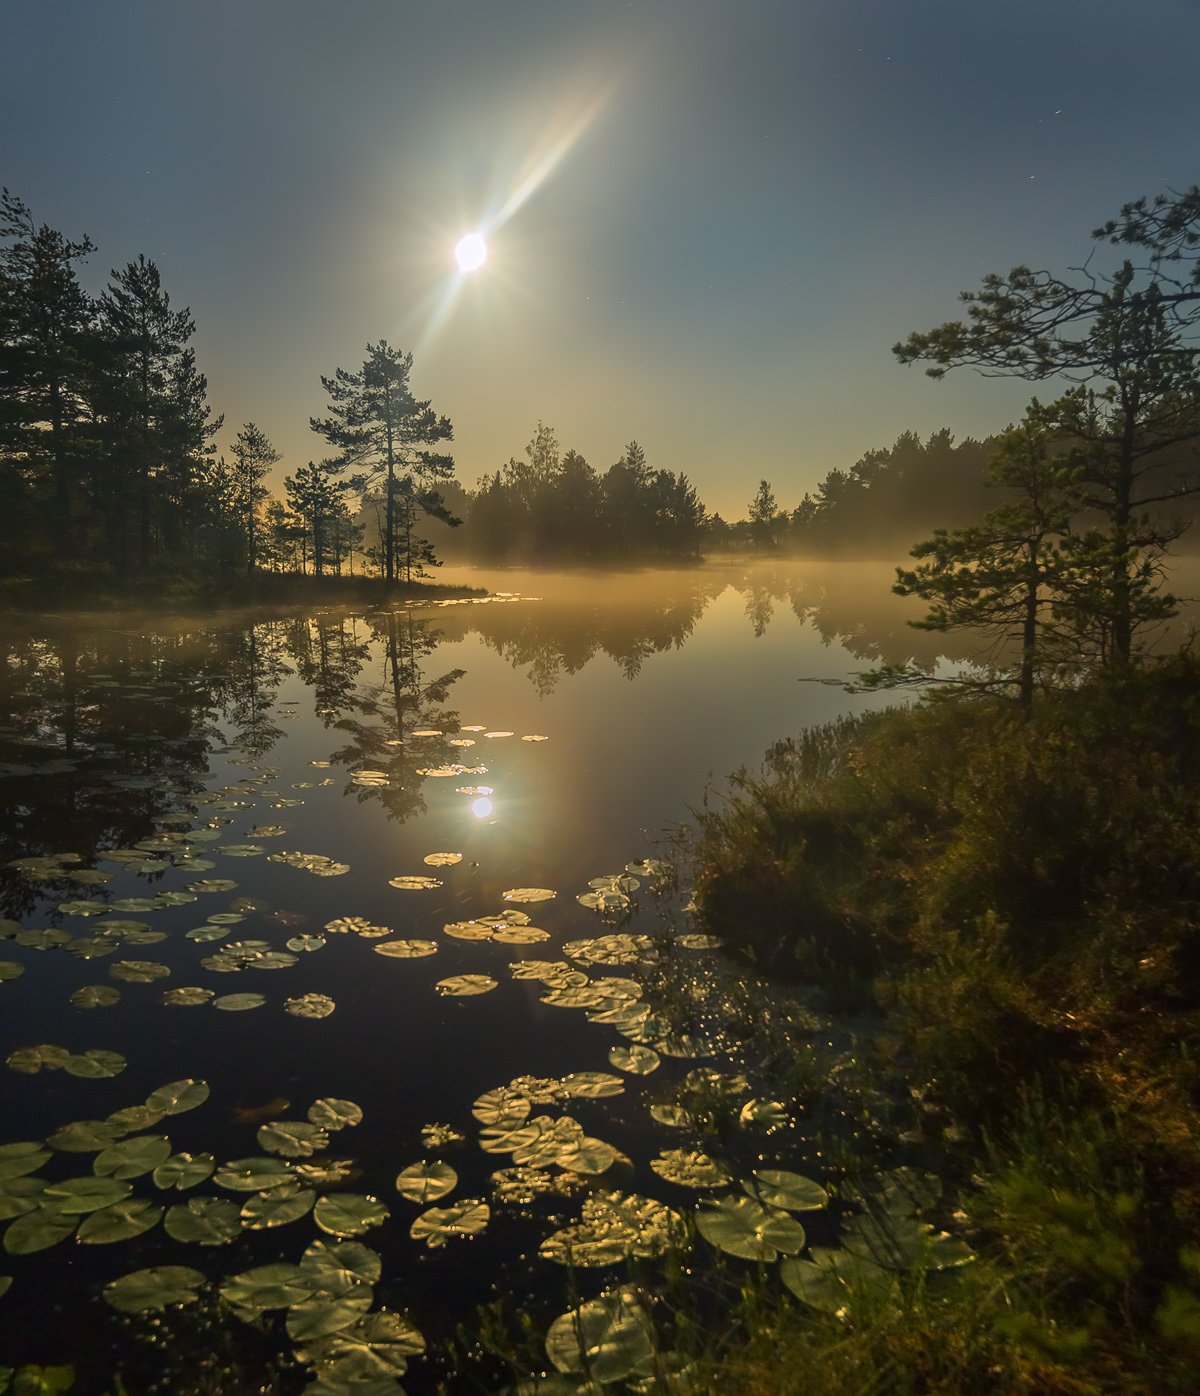 фототур, лето,  ленинградская область, деревья, сосна, остров, полнолунье, луна, ночь, туман, отражение, озеро., Лашков Фёдор